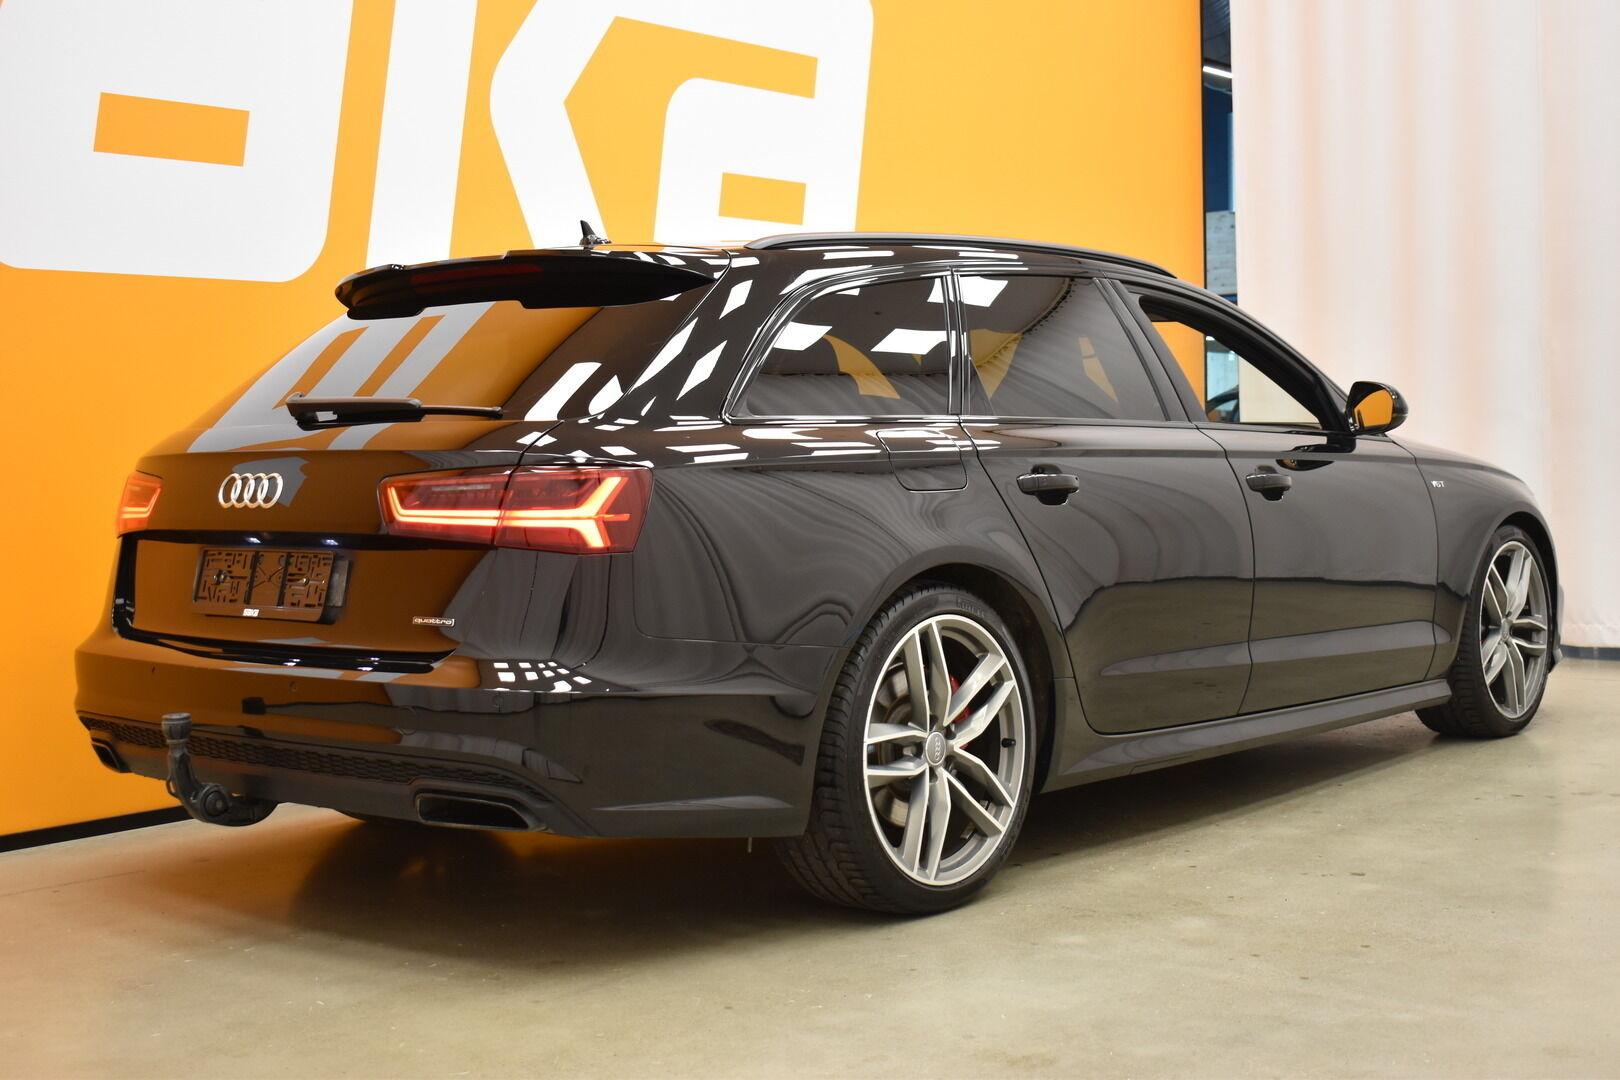 Musta Farmari, Audi A6 – OUL-89168, kuva 8